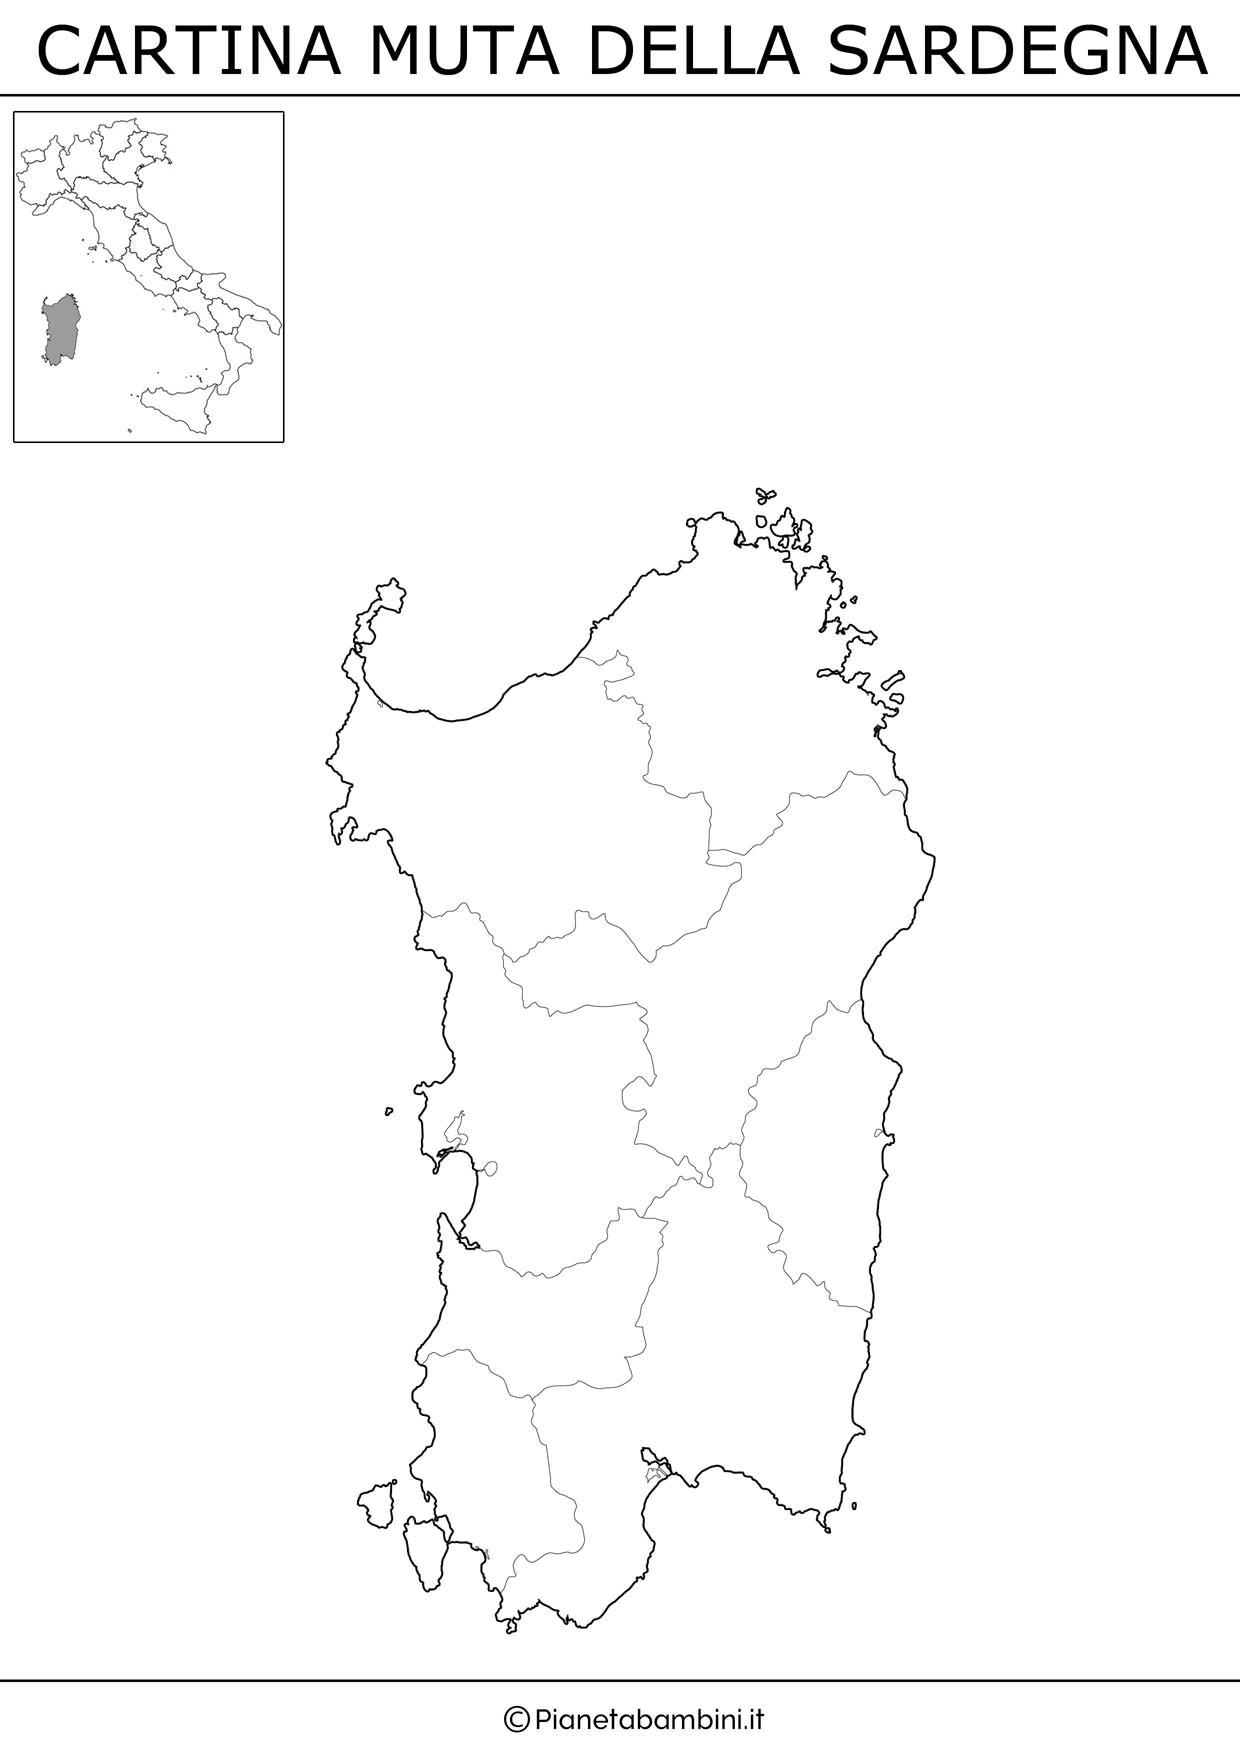 Cartina Sardegna Province.Cartina Muta Fisica E Politica Delle Sardegna Da Stampare Pianetabambini It